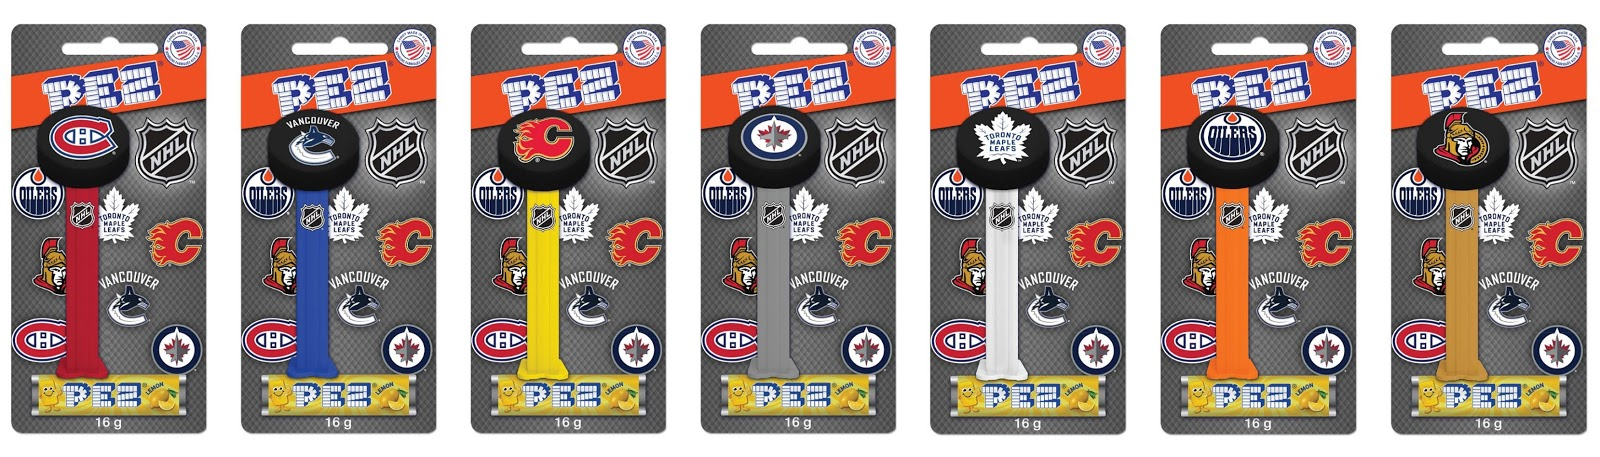 hockeypucks2019.jpg